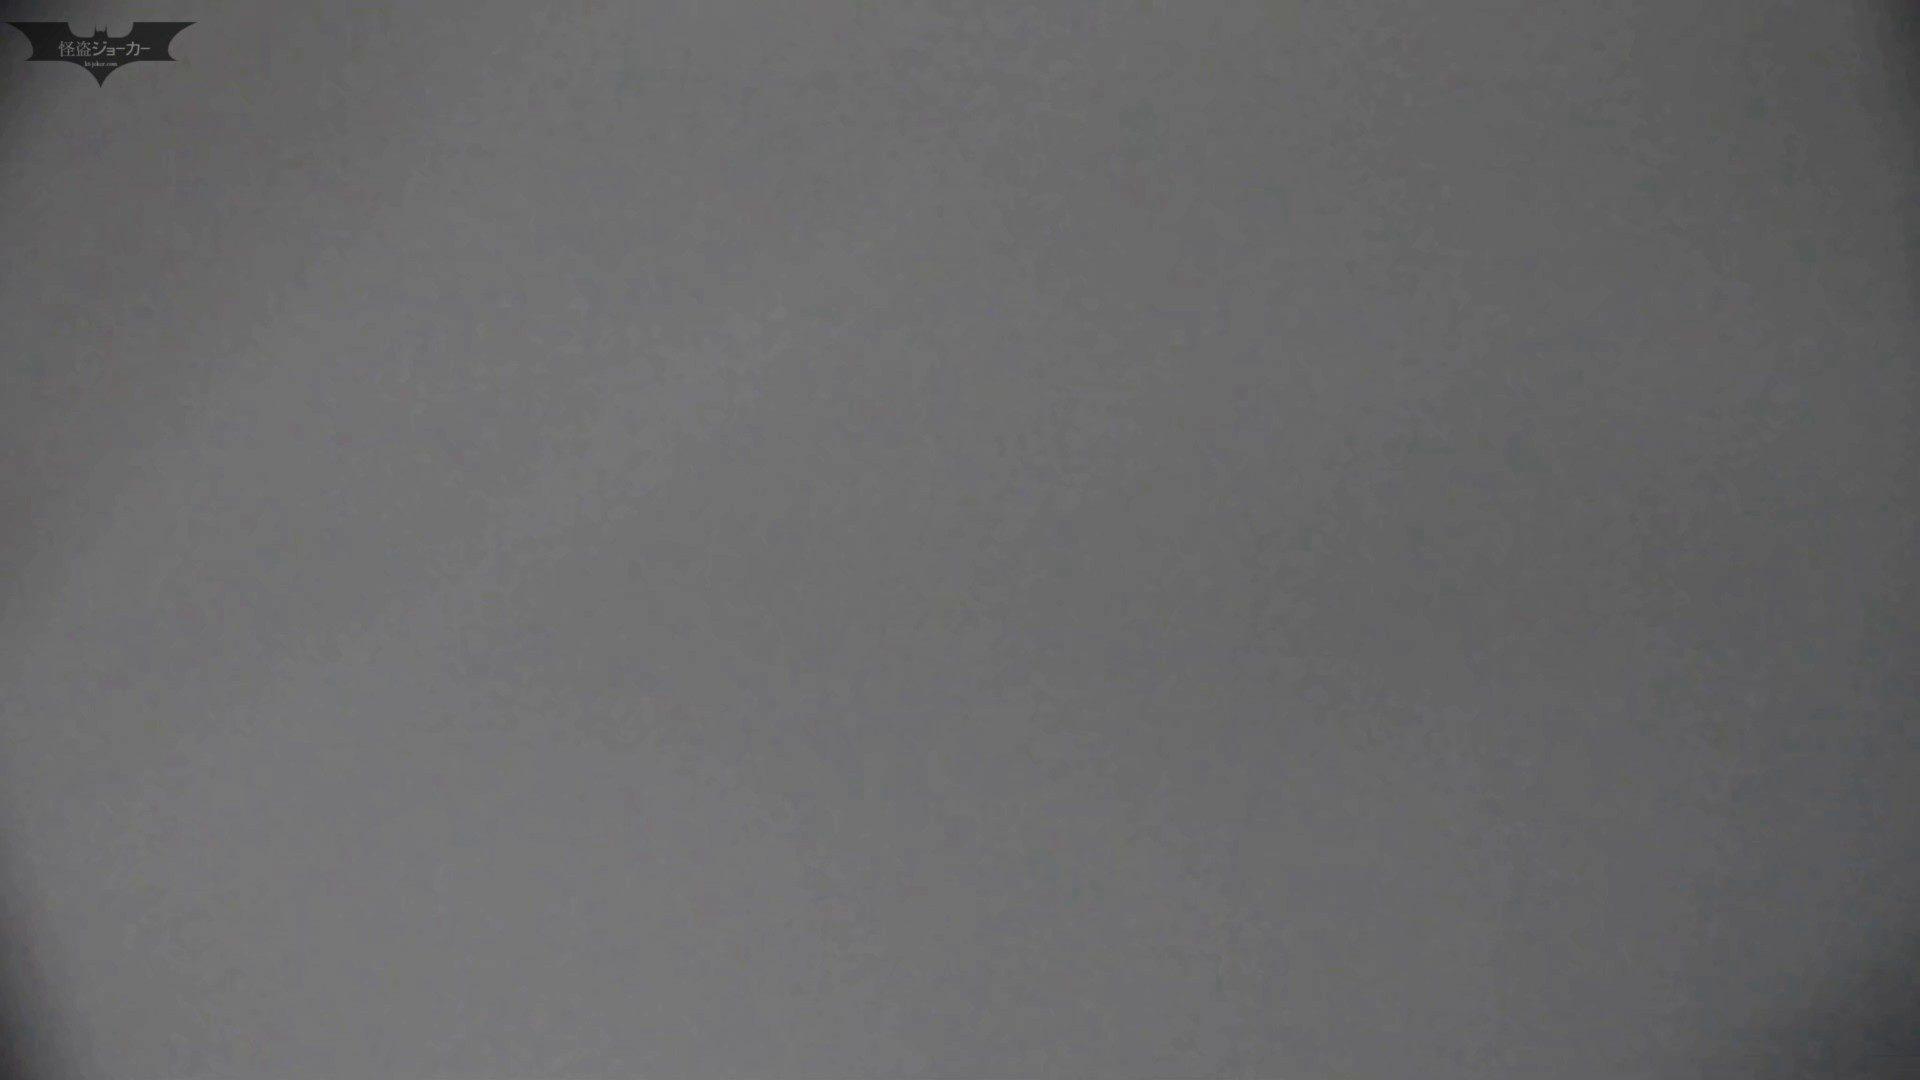 無料アダルト動画:お銀さんの「洗面所突入レポート!!」 vol.55みなさんモリモリですね。:怪盗ジョーカー